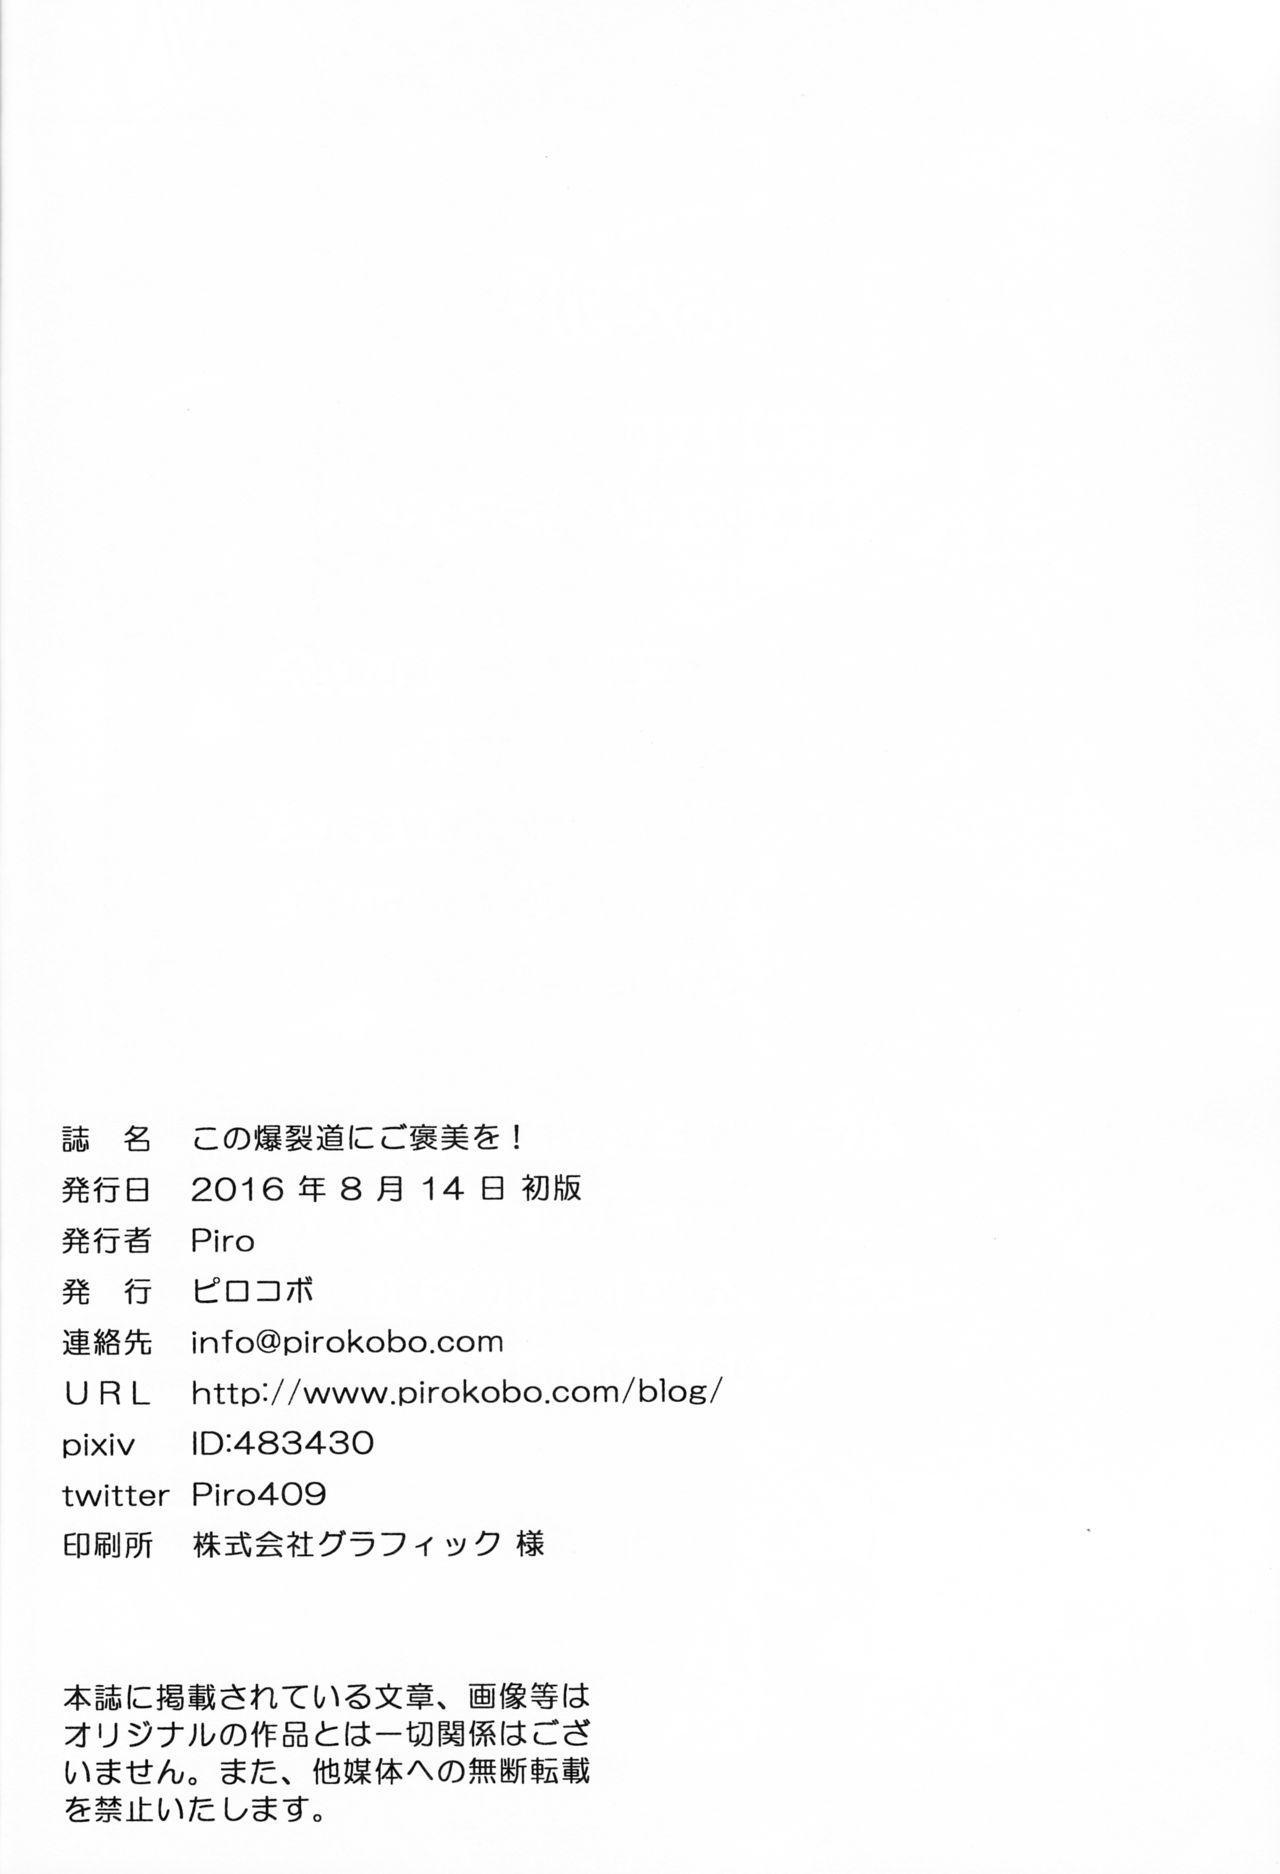 Kono Bakuretsudou ni Gohoubi o! |為爆裂魔法獻上讚美! 27